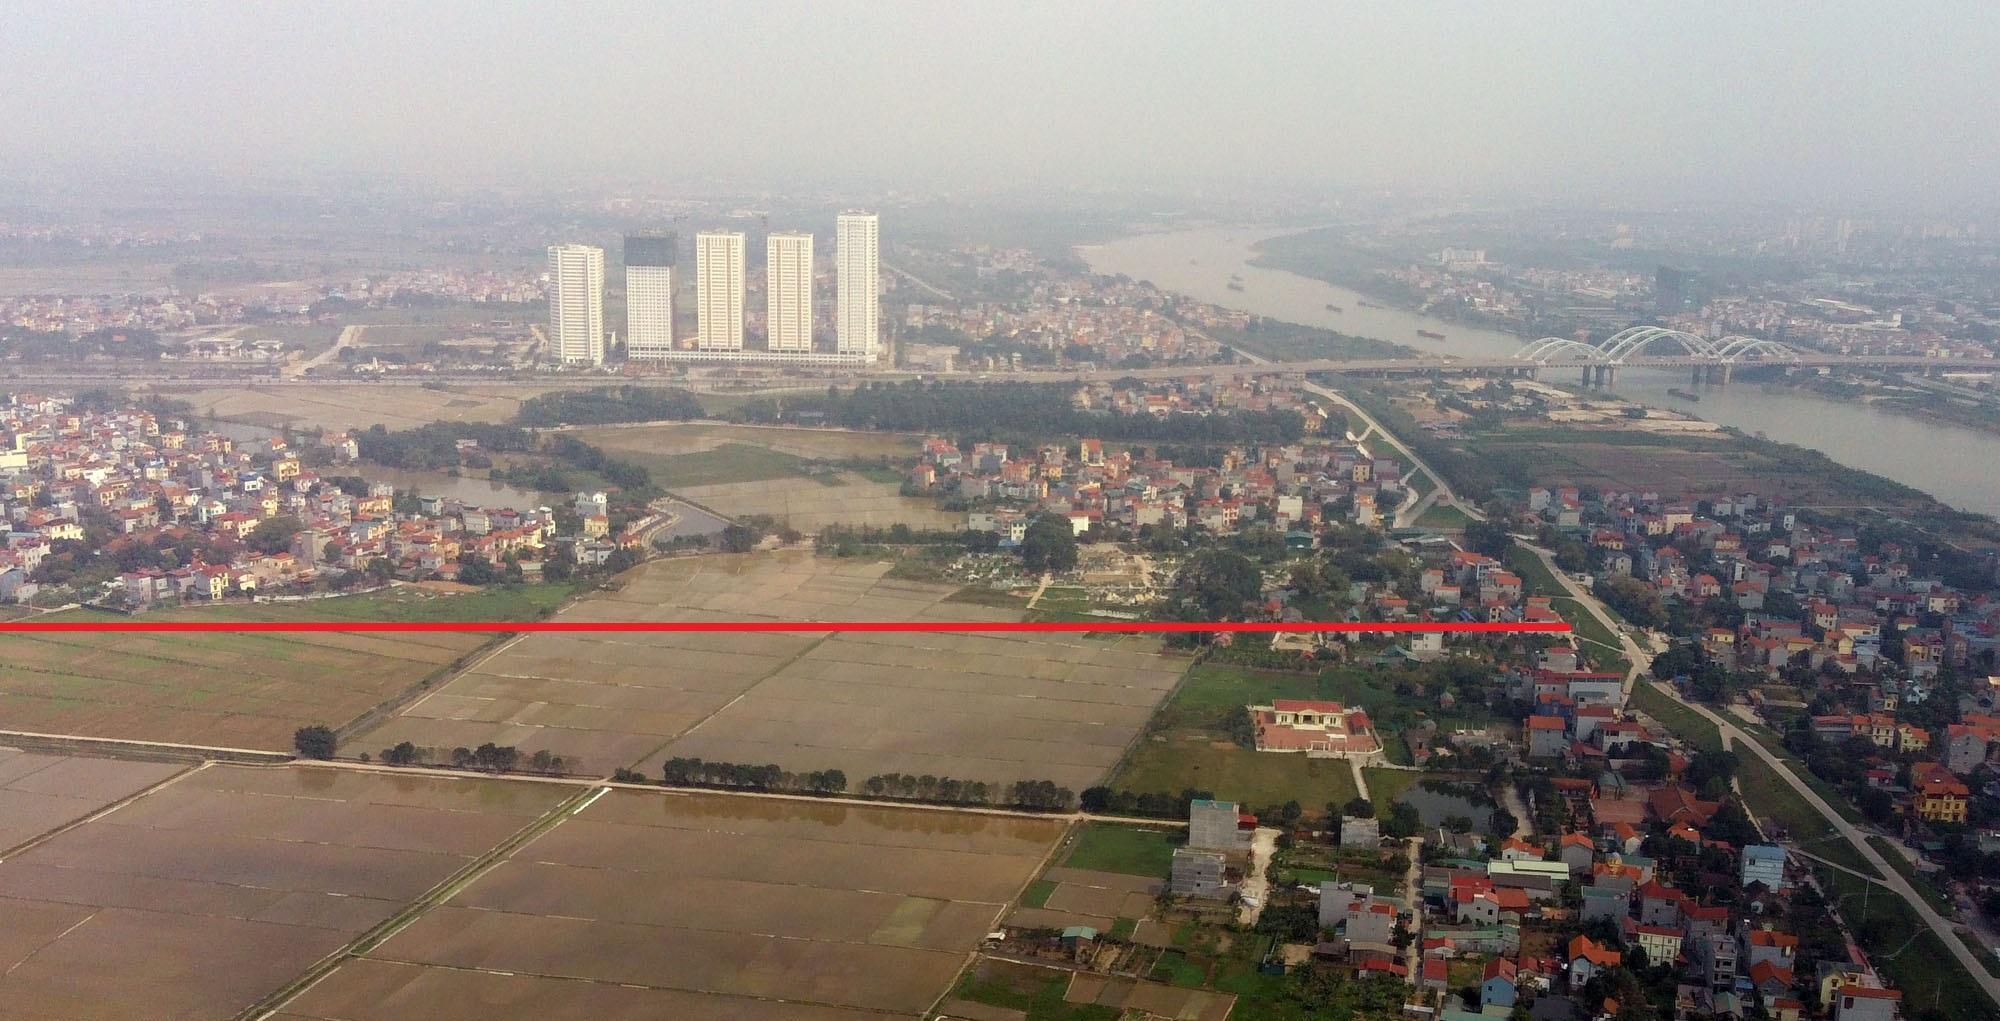 đường sẽ mở theo qui hoạch ở xã Đông Hội, Đông Anh, Hà Nội - Ảnh 11.